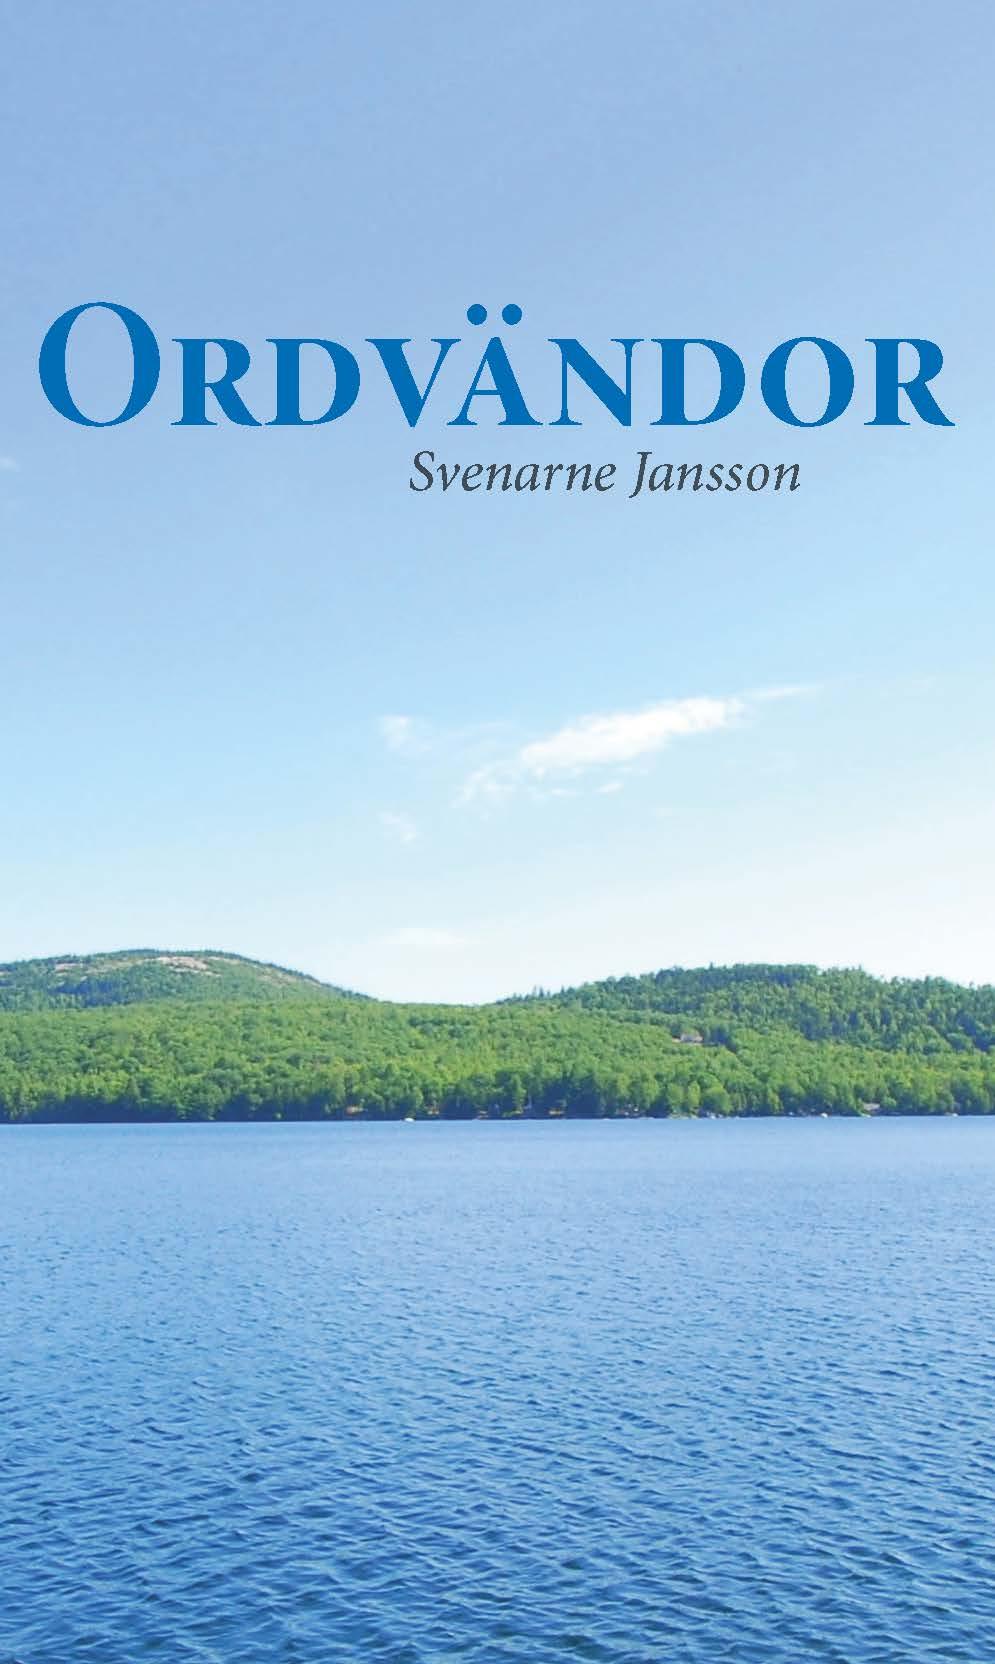 """Riktigt fin recension av """"Ordvändor"""" i Sundsvalls tidning"""